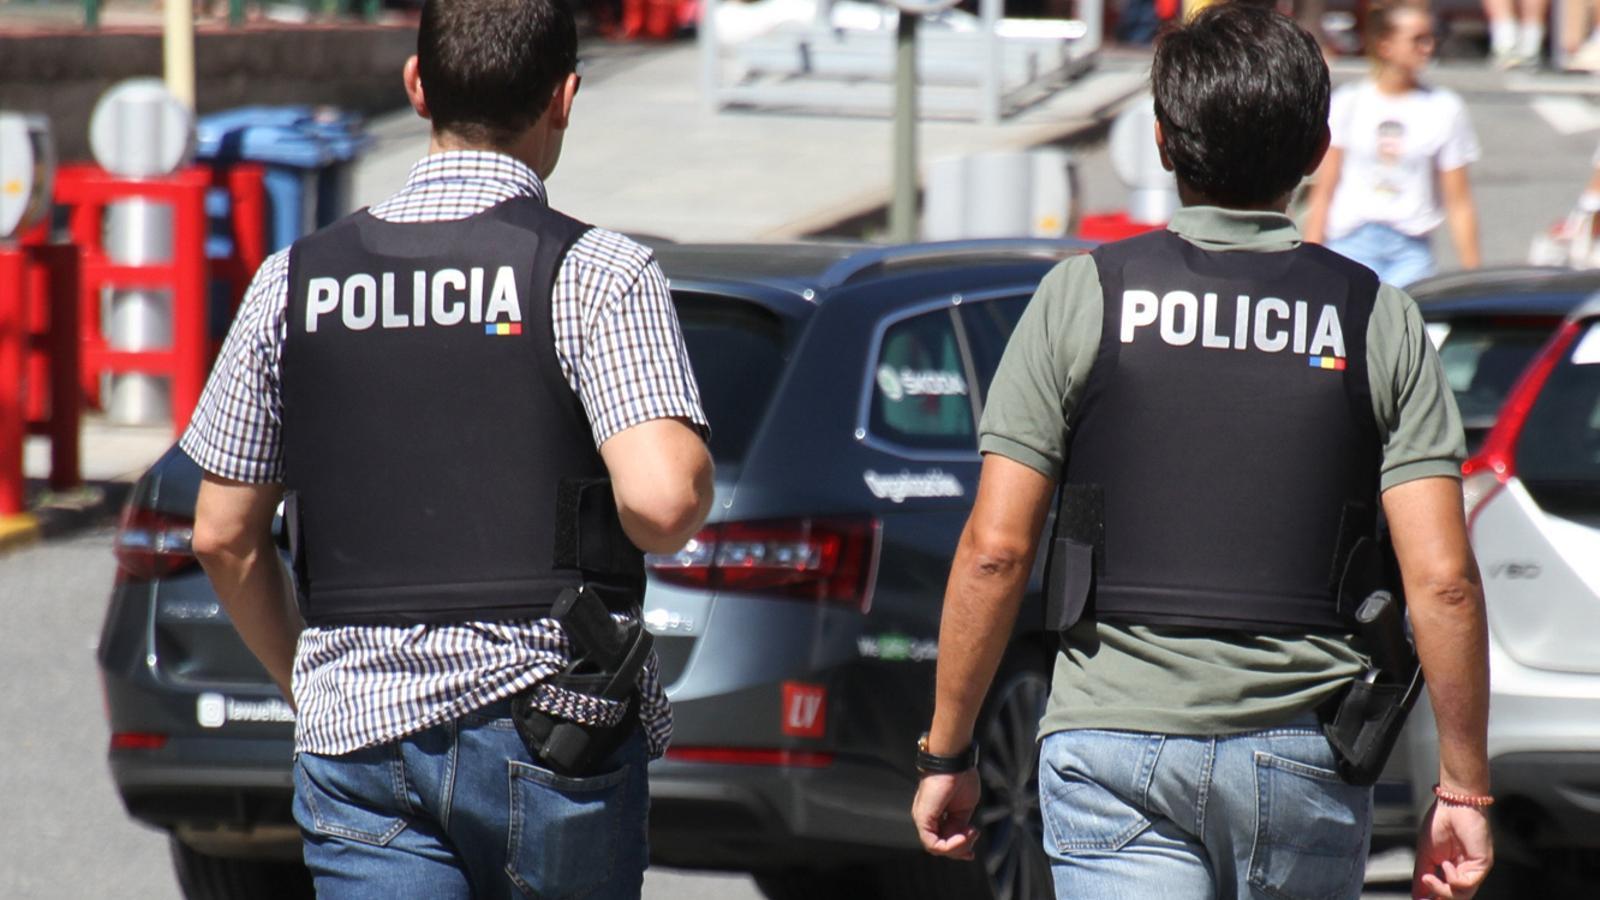 Dos agents de policia. / ARXIU